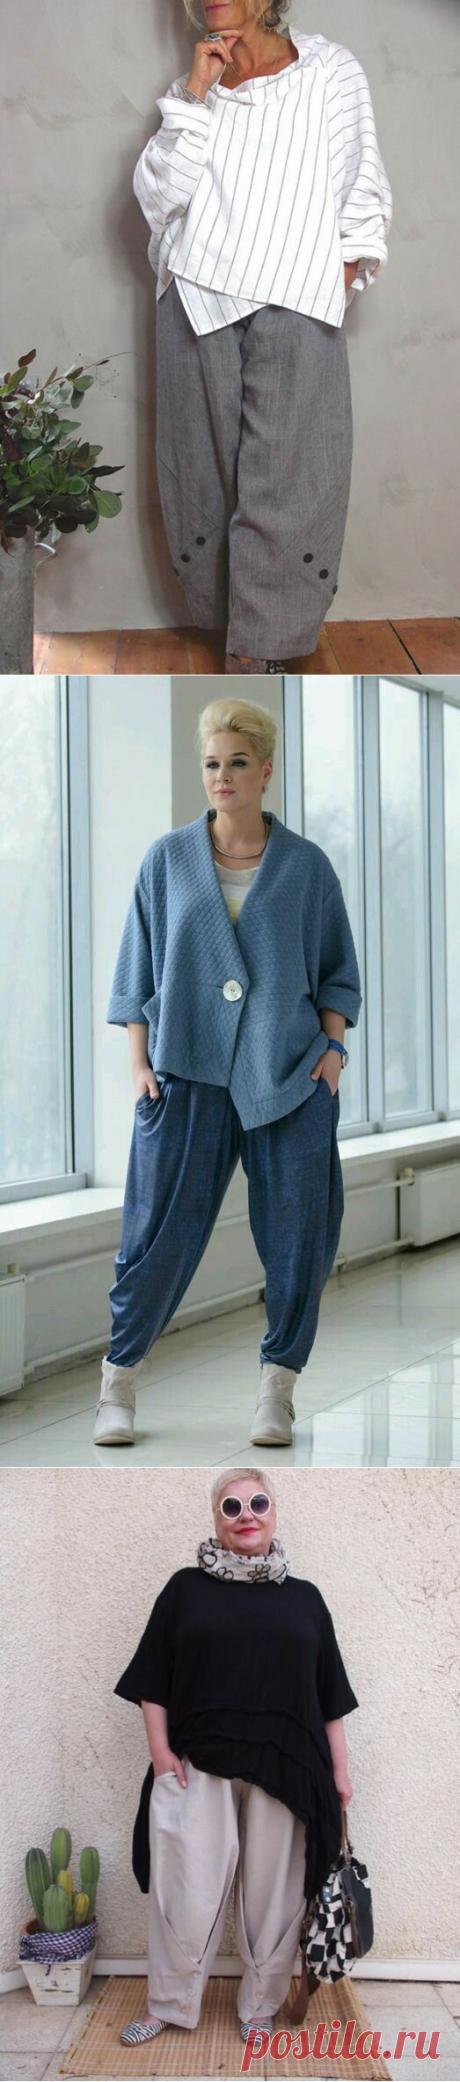 Гардероб с изюминкой в стиле Бохо для женщин элегантного возраста | Будь в стиле! | Яндекс Дзен